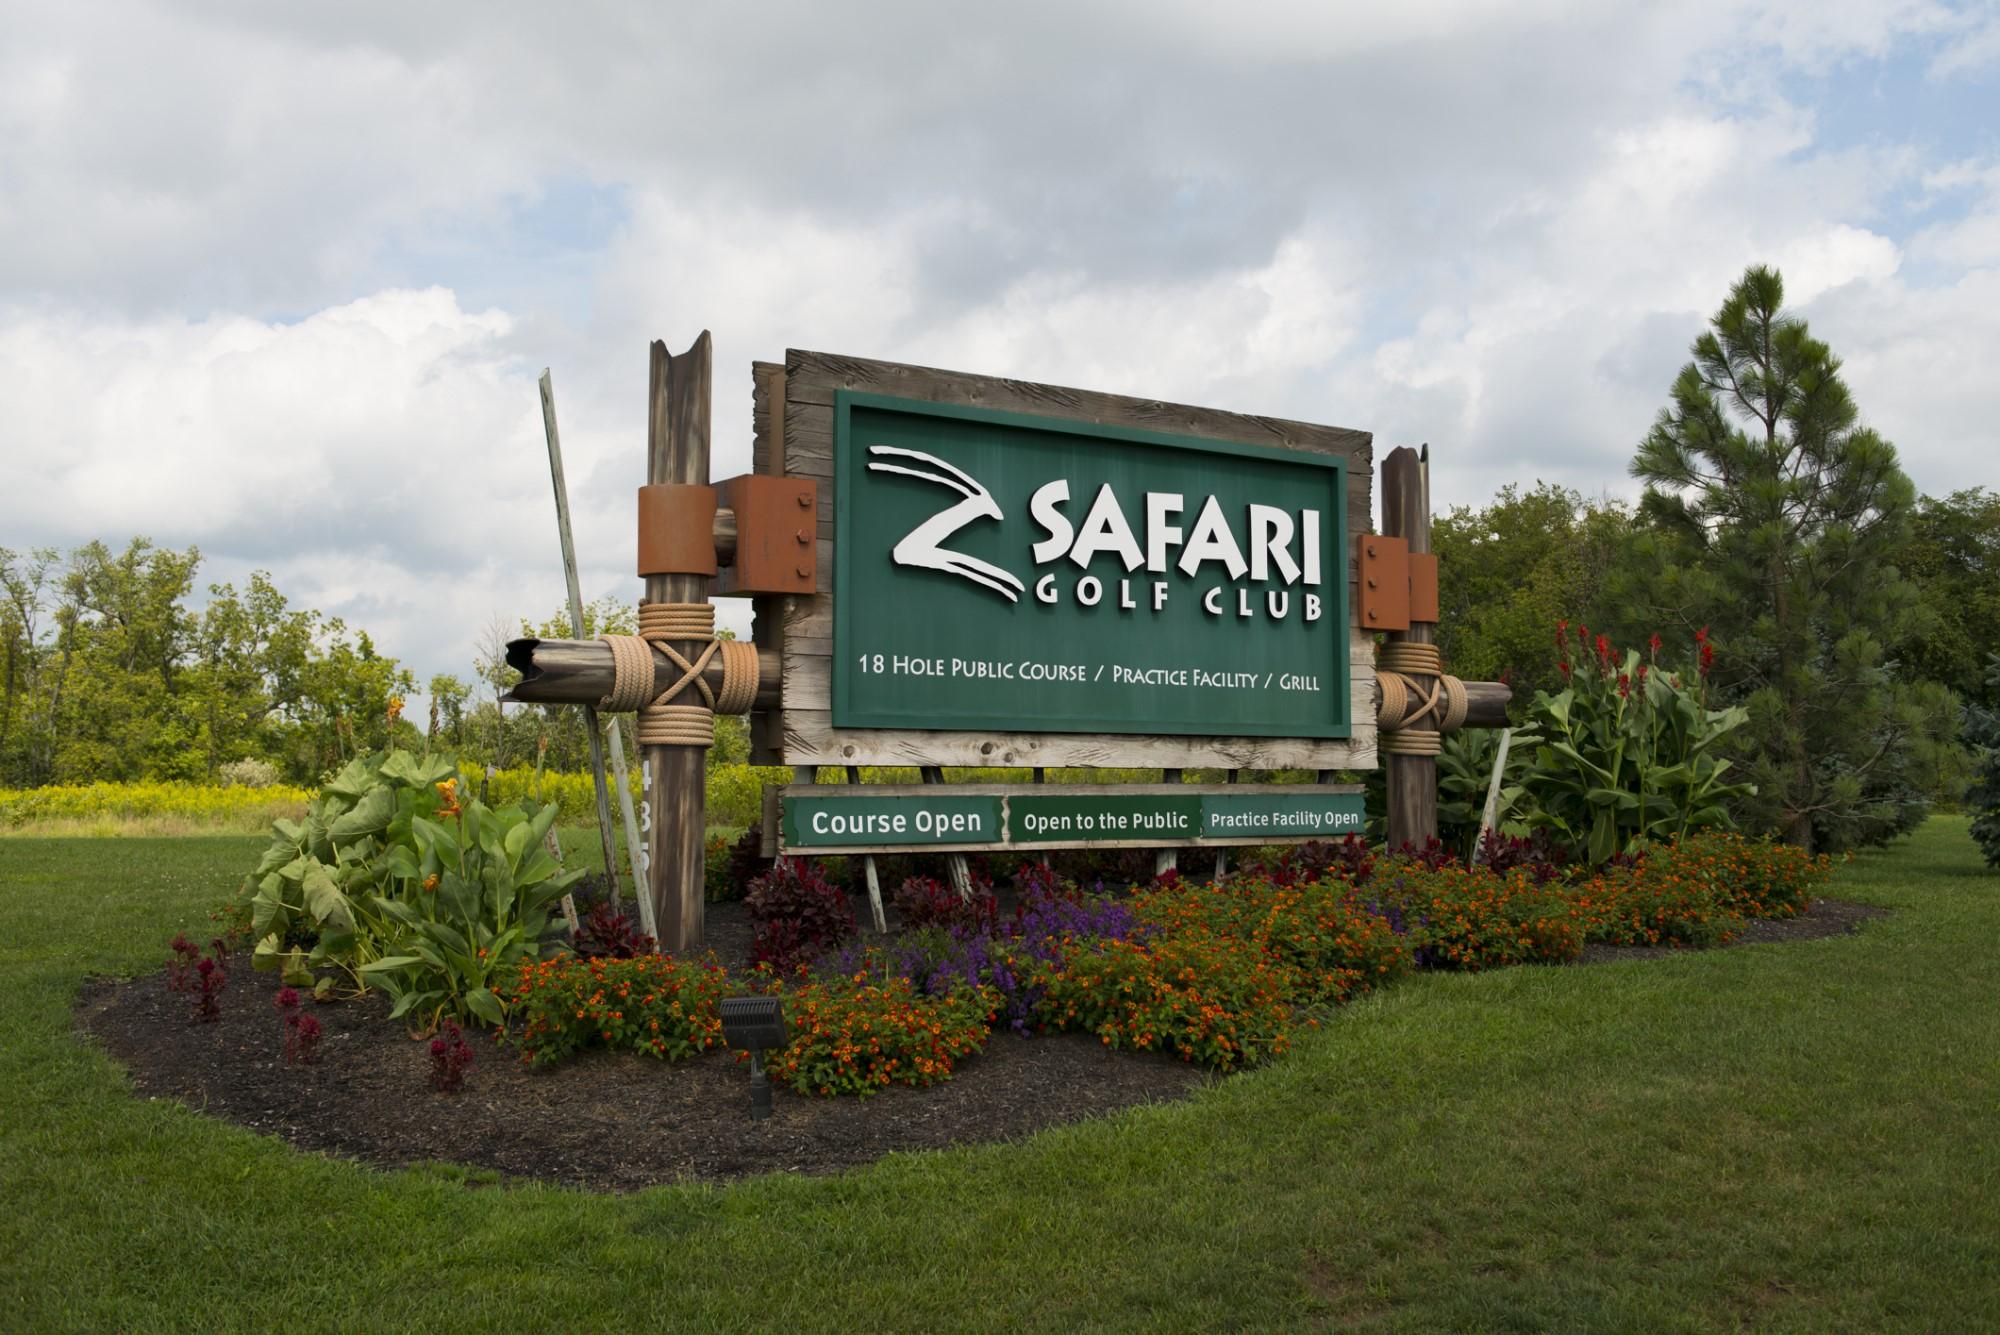 Safari Sign 2366 - Grahm S. Jones, Columbus Zoo and Aquarium